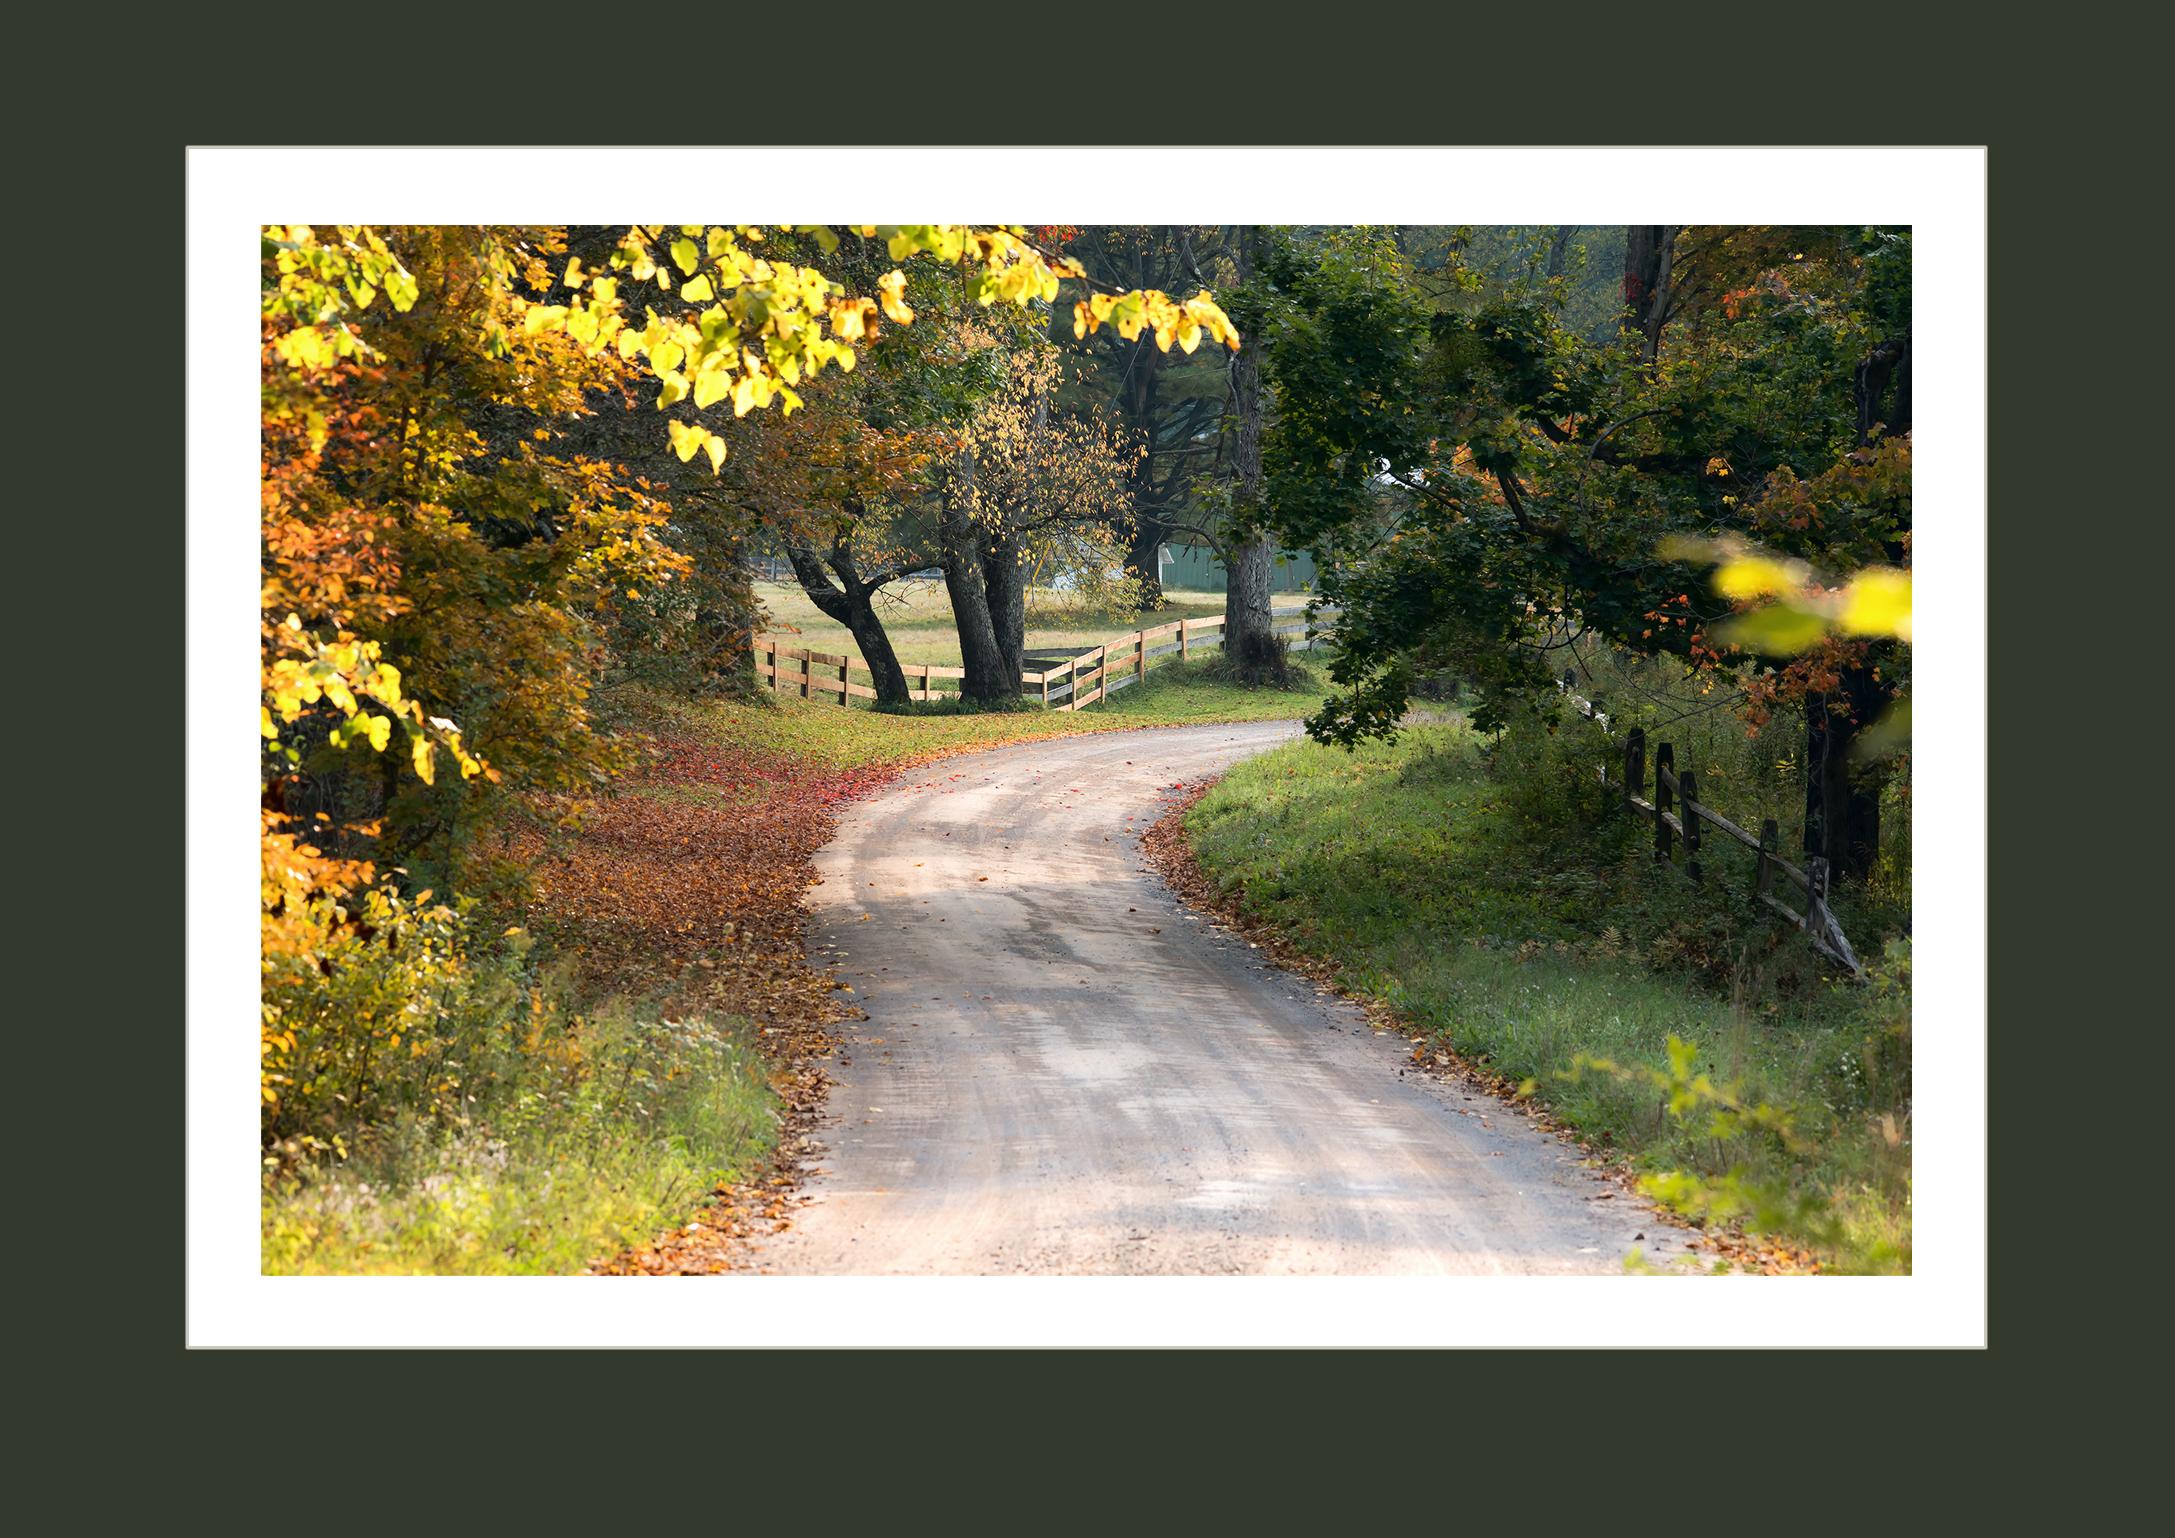 Sept along Partridge Hill Rd